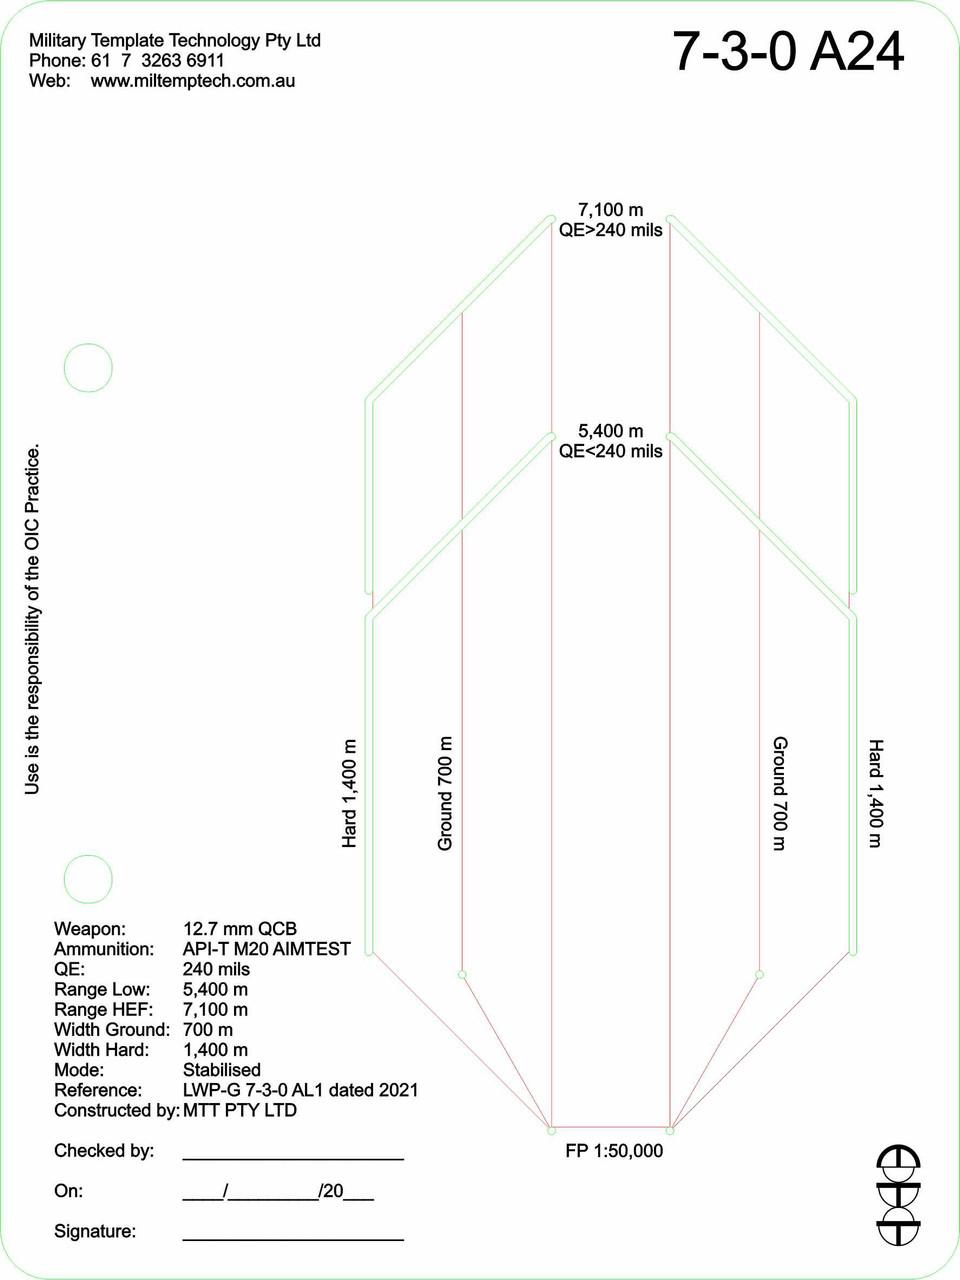 12.7 mm QCB AIMTEST API-T M20 Stabalised